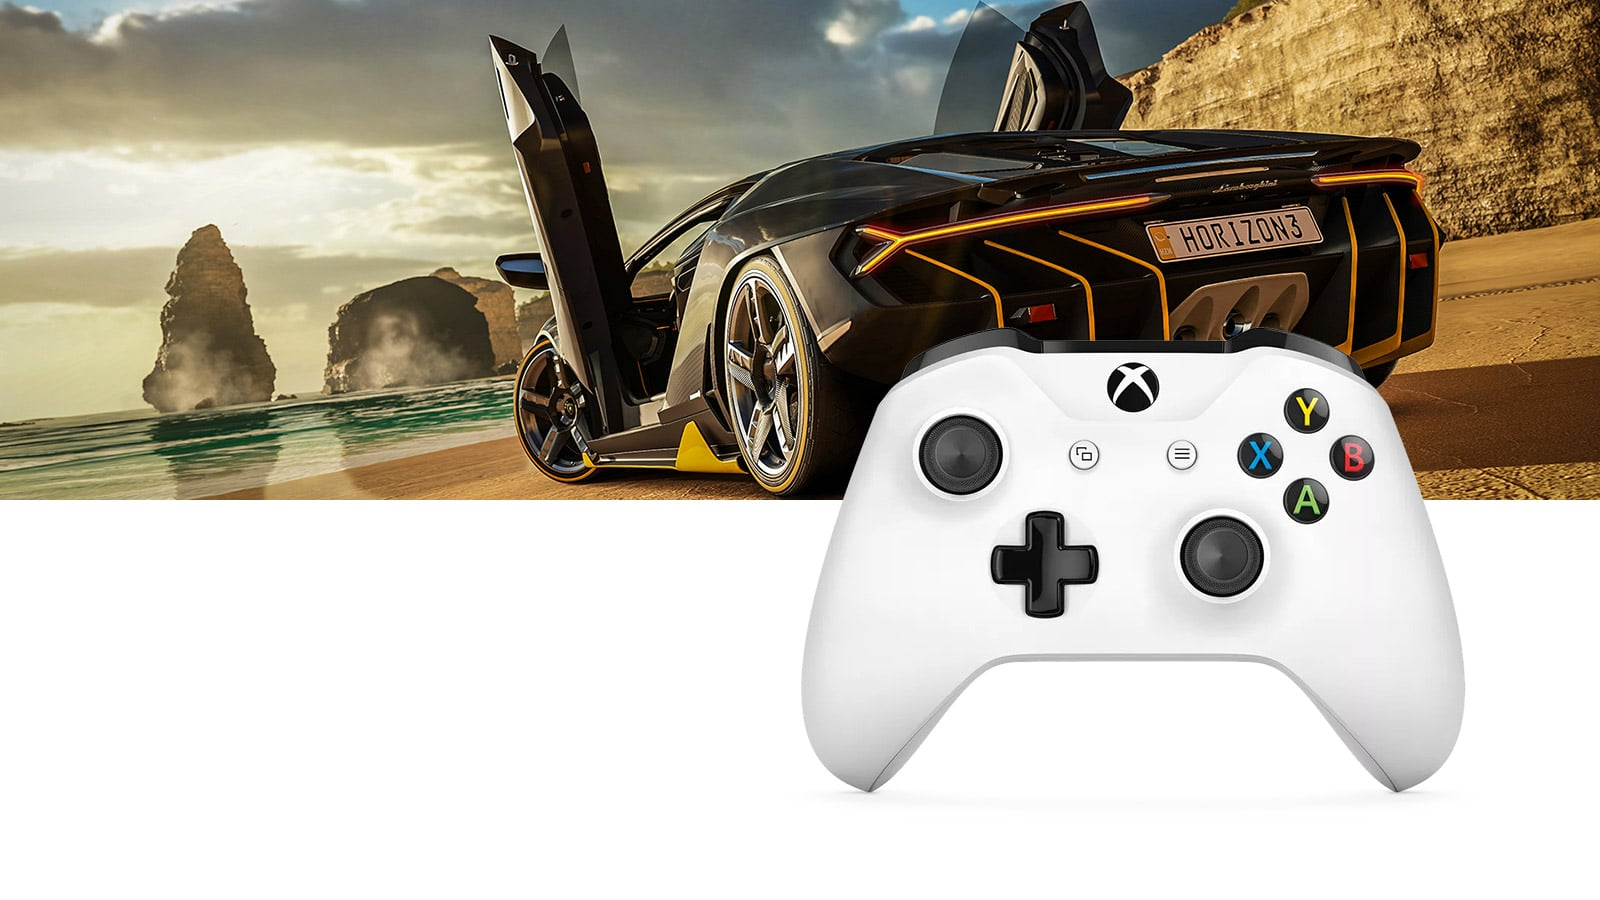 Forza sur Xbox et manette blanche